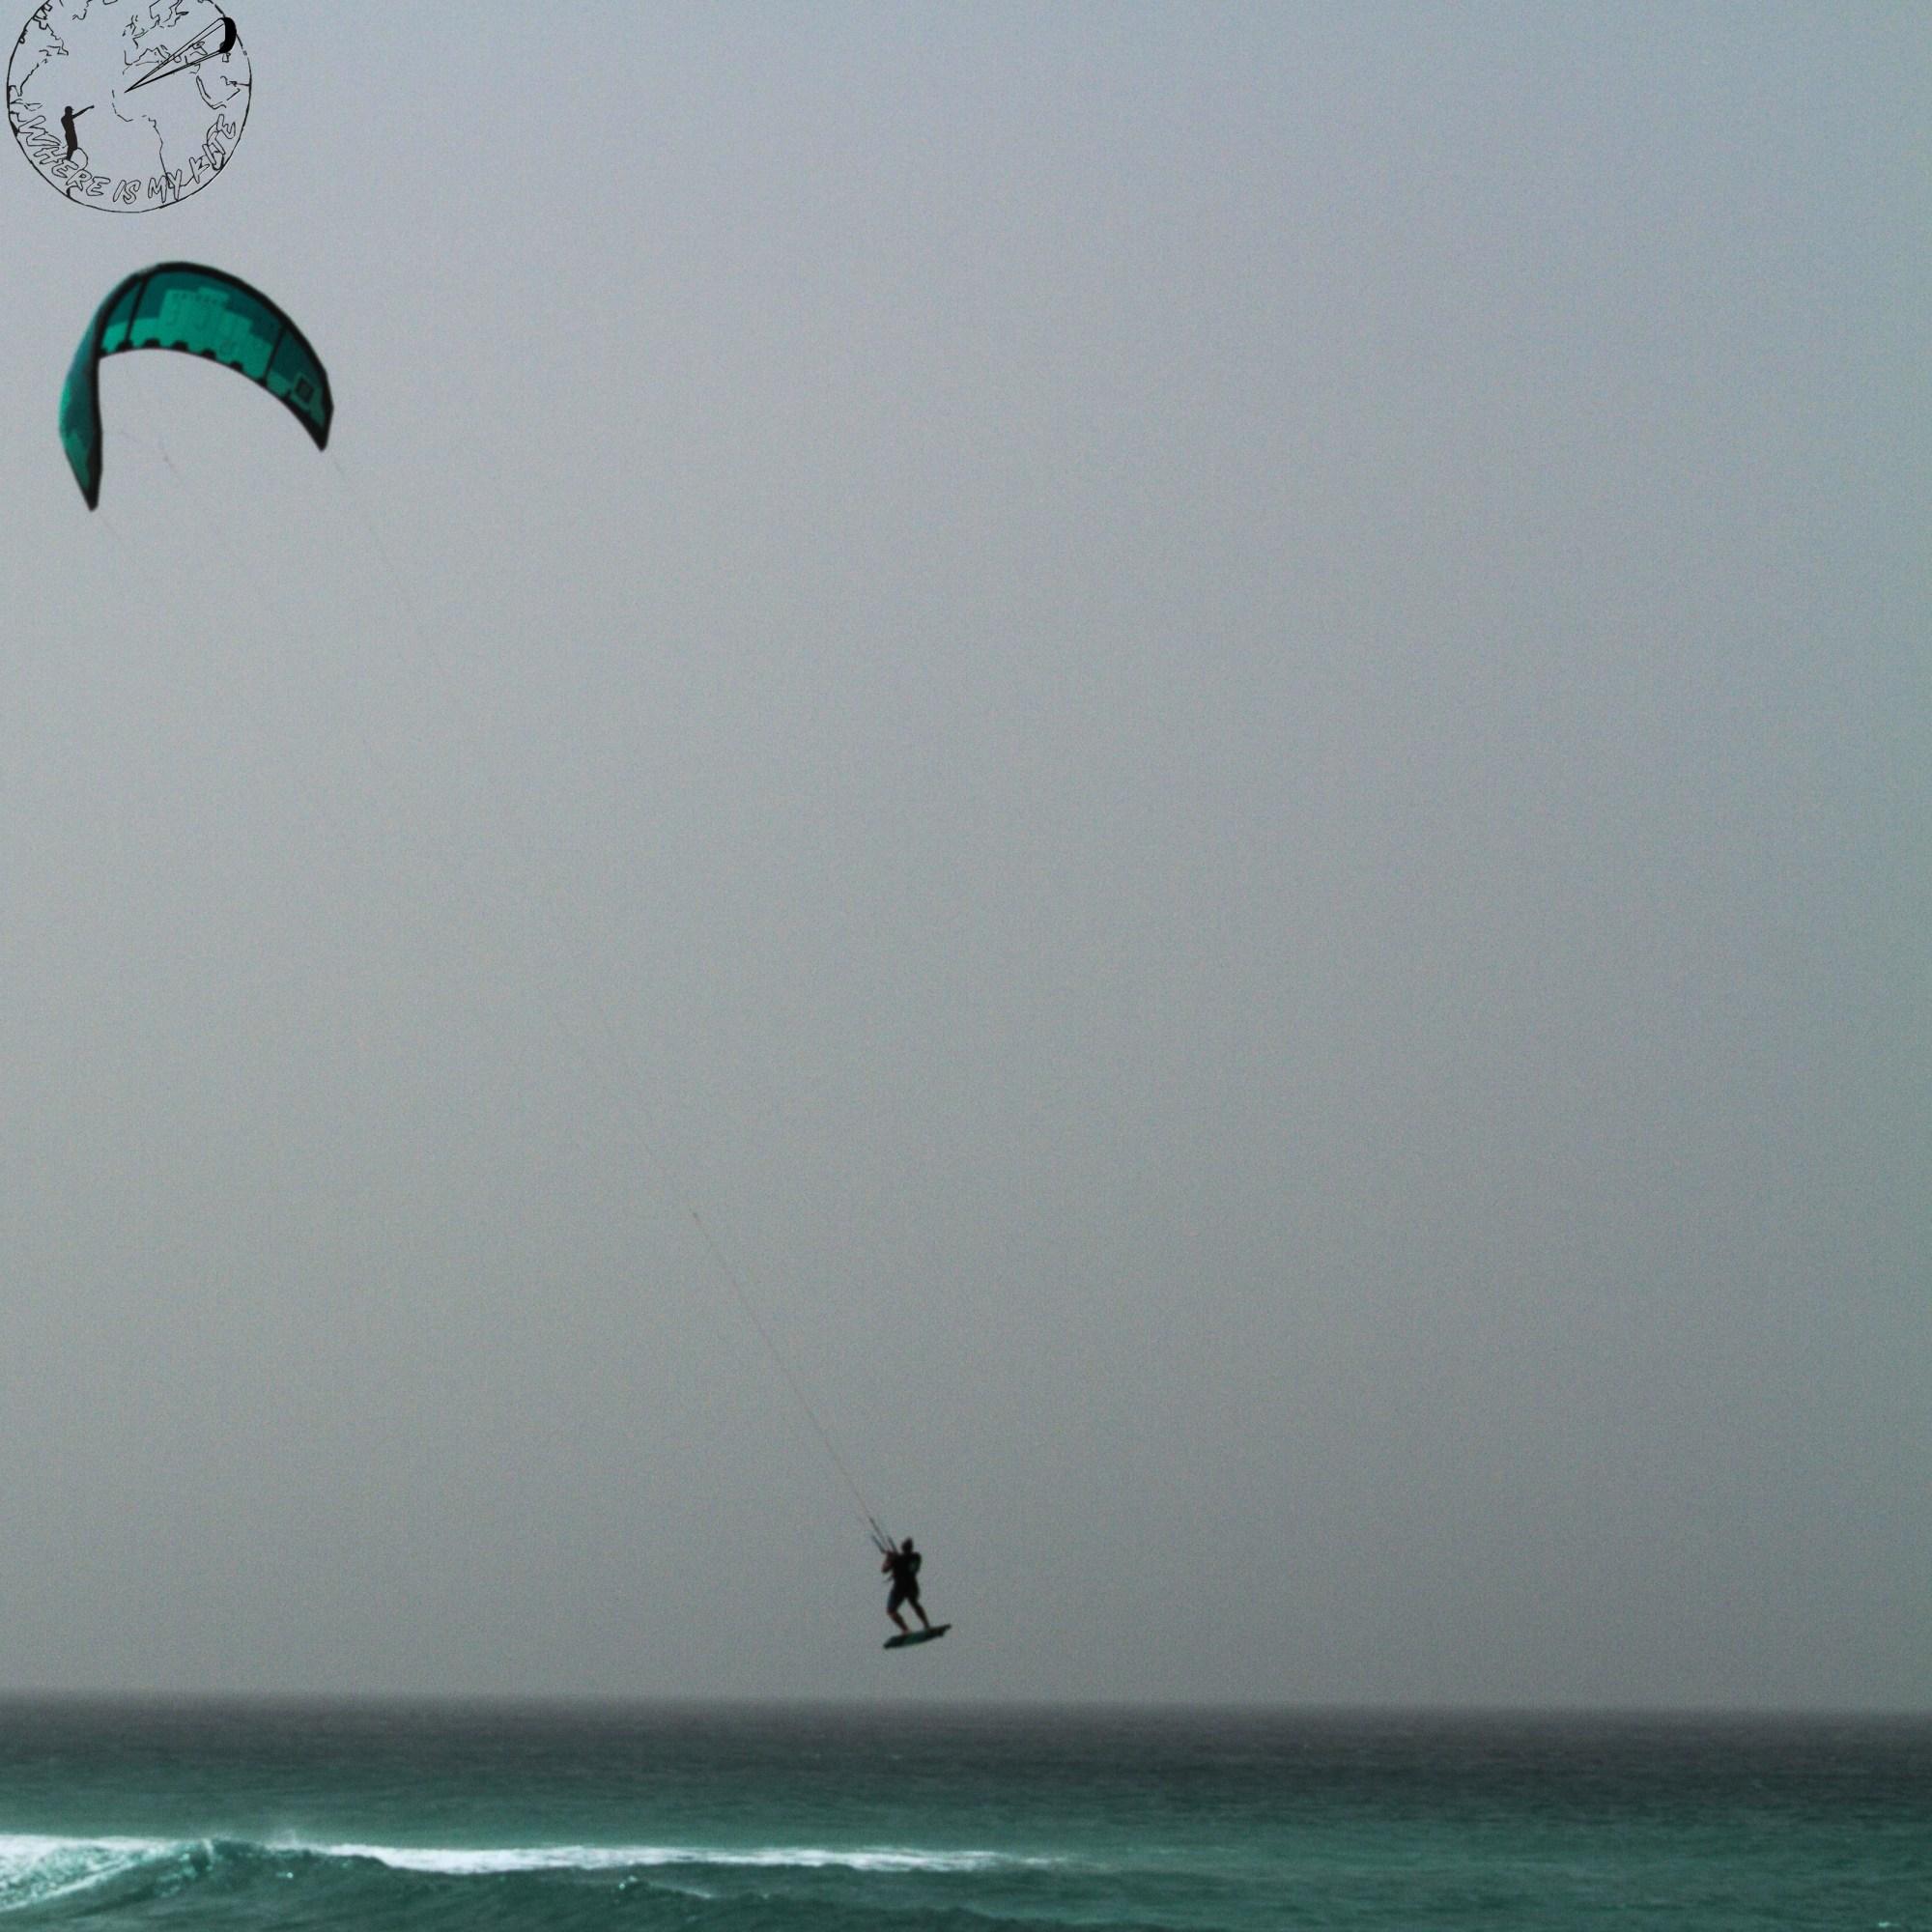 Praia de Chaves, Boa Vista kitetrip, Cabo Verde